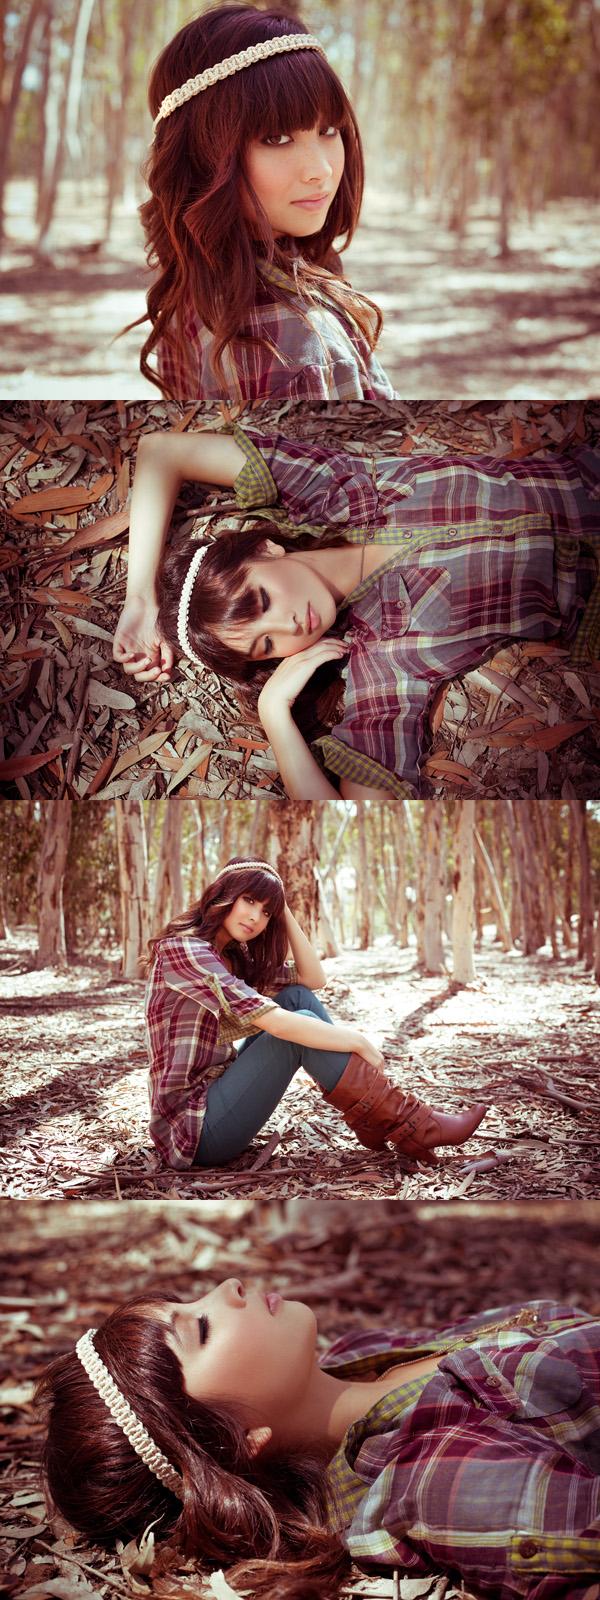 UCSD Sep 17, 2009 Photographer/Makeup: Uyen - Hair/Wardrobe: Me FALL 09